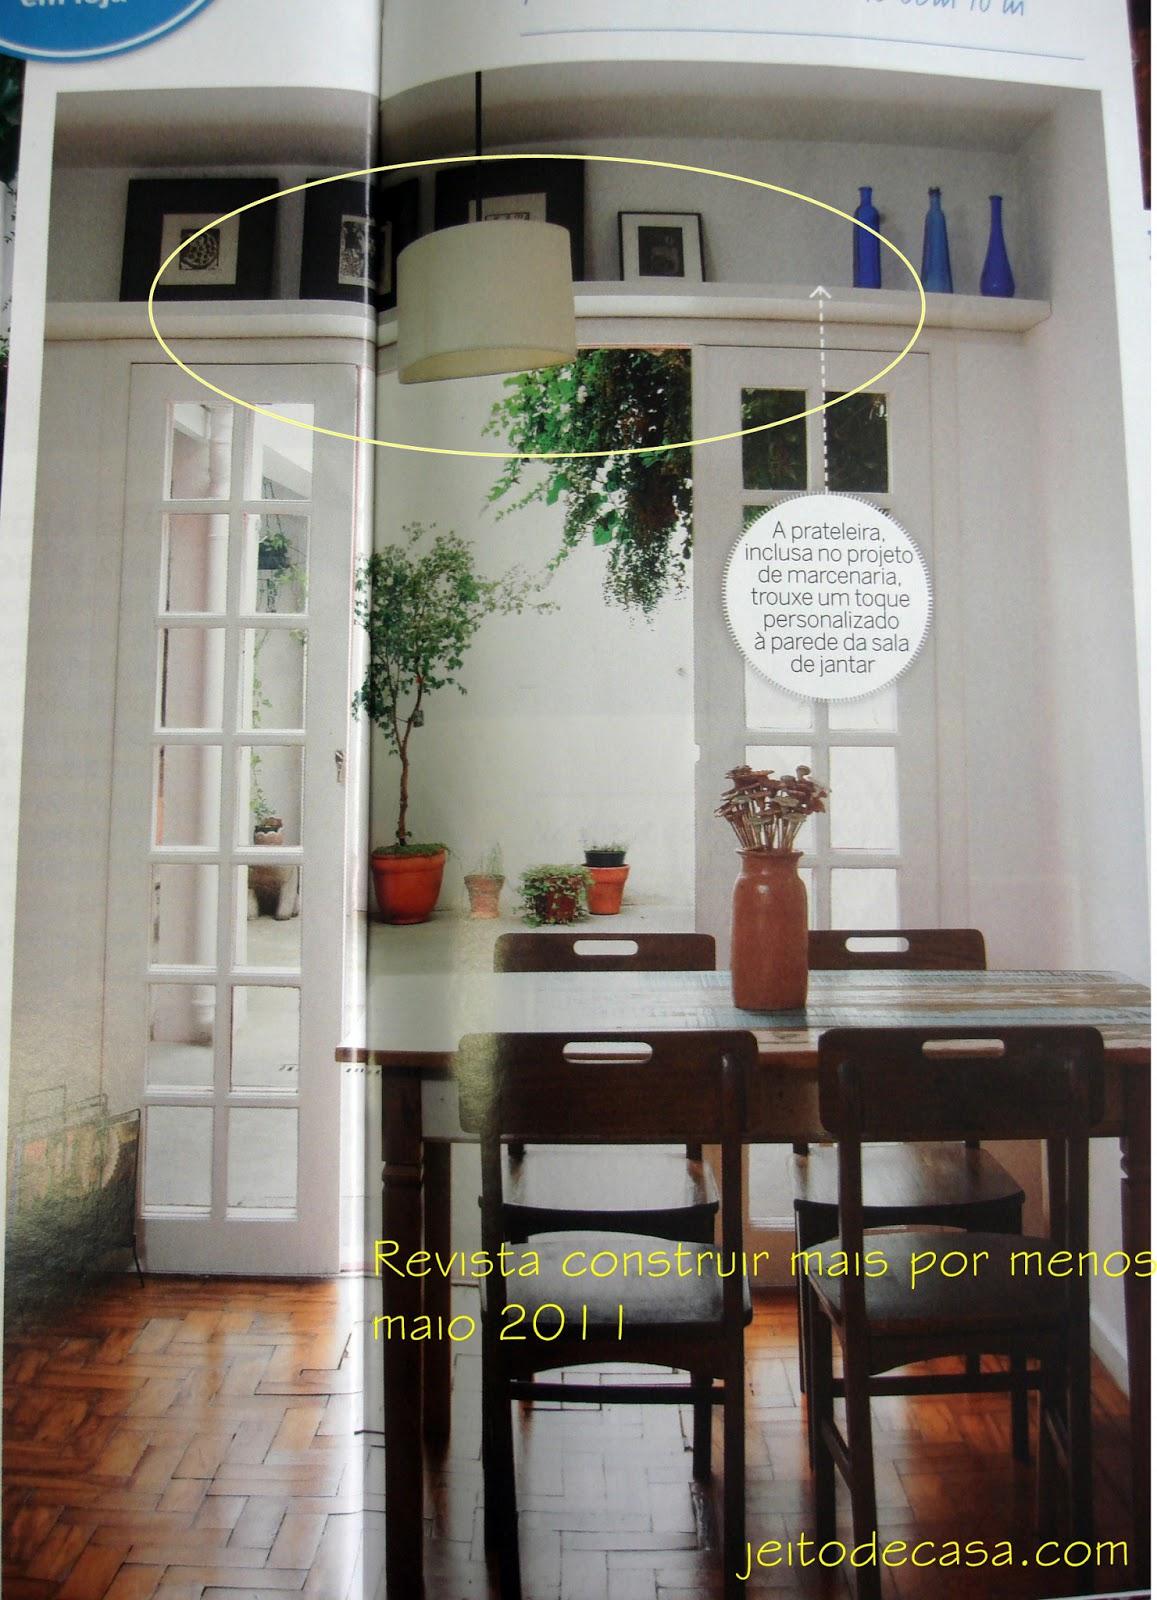 decorativa expondo objetos legais e dando mais estilo a decoração #206693 1157 1600